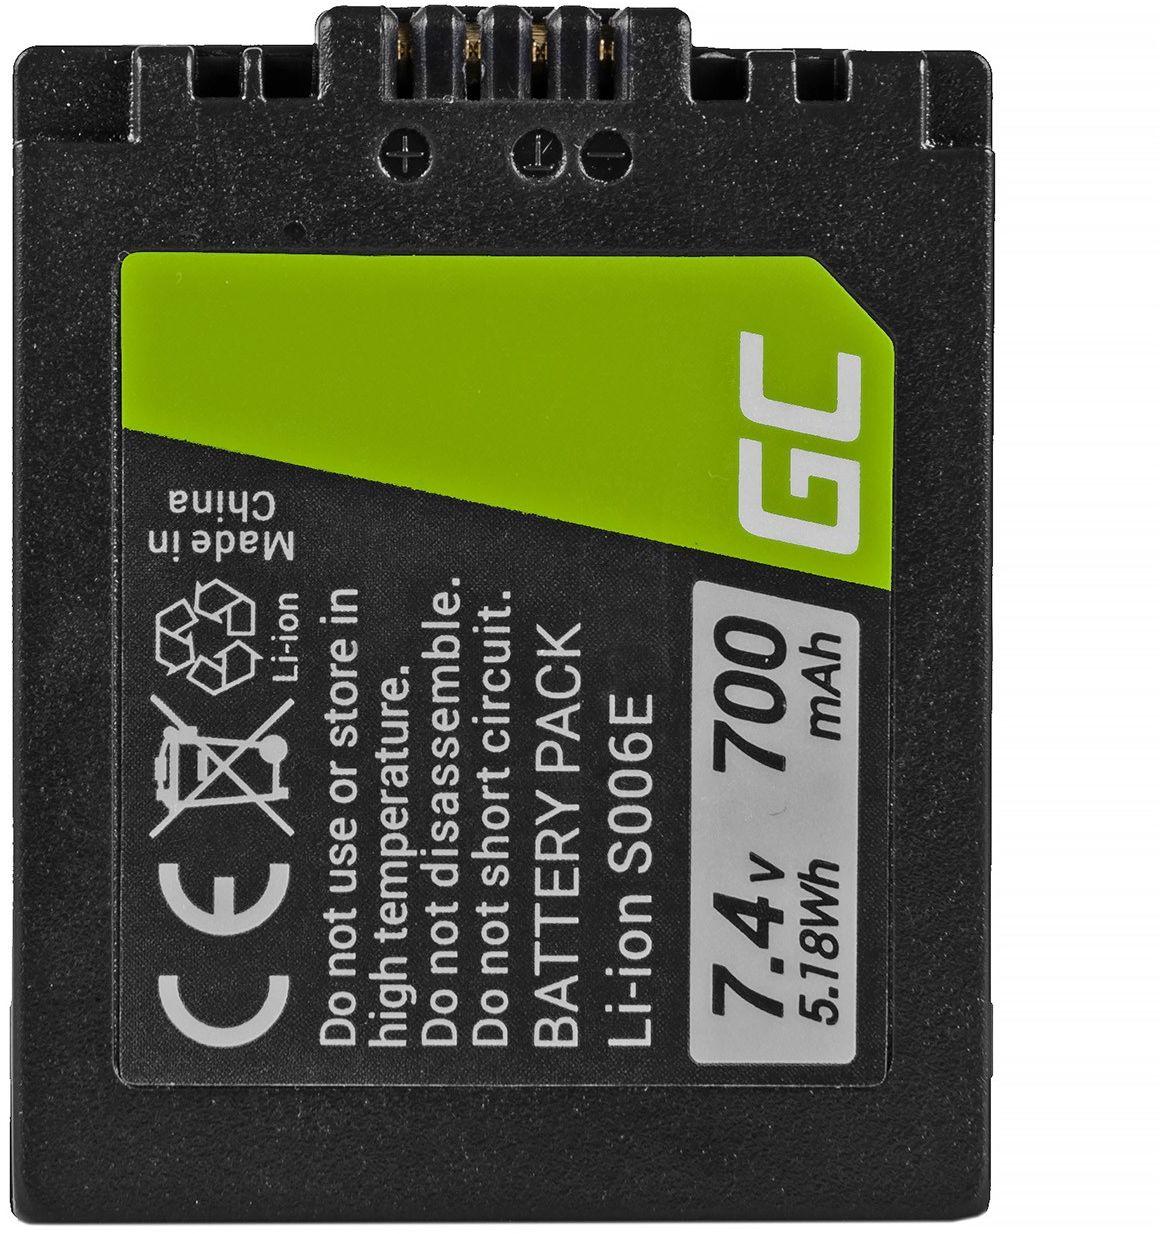 Akumulator Bateria Green Cell  CGR-S006E do Panasonic Lumix DMC FZ7 FZ8 FZ8S FZ8K FZ18 FZ28 FZ7K FZ30 FZ38 FZ50 7.4V 700mAh